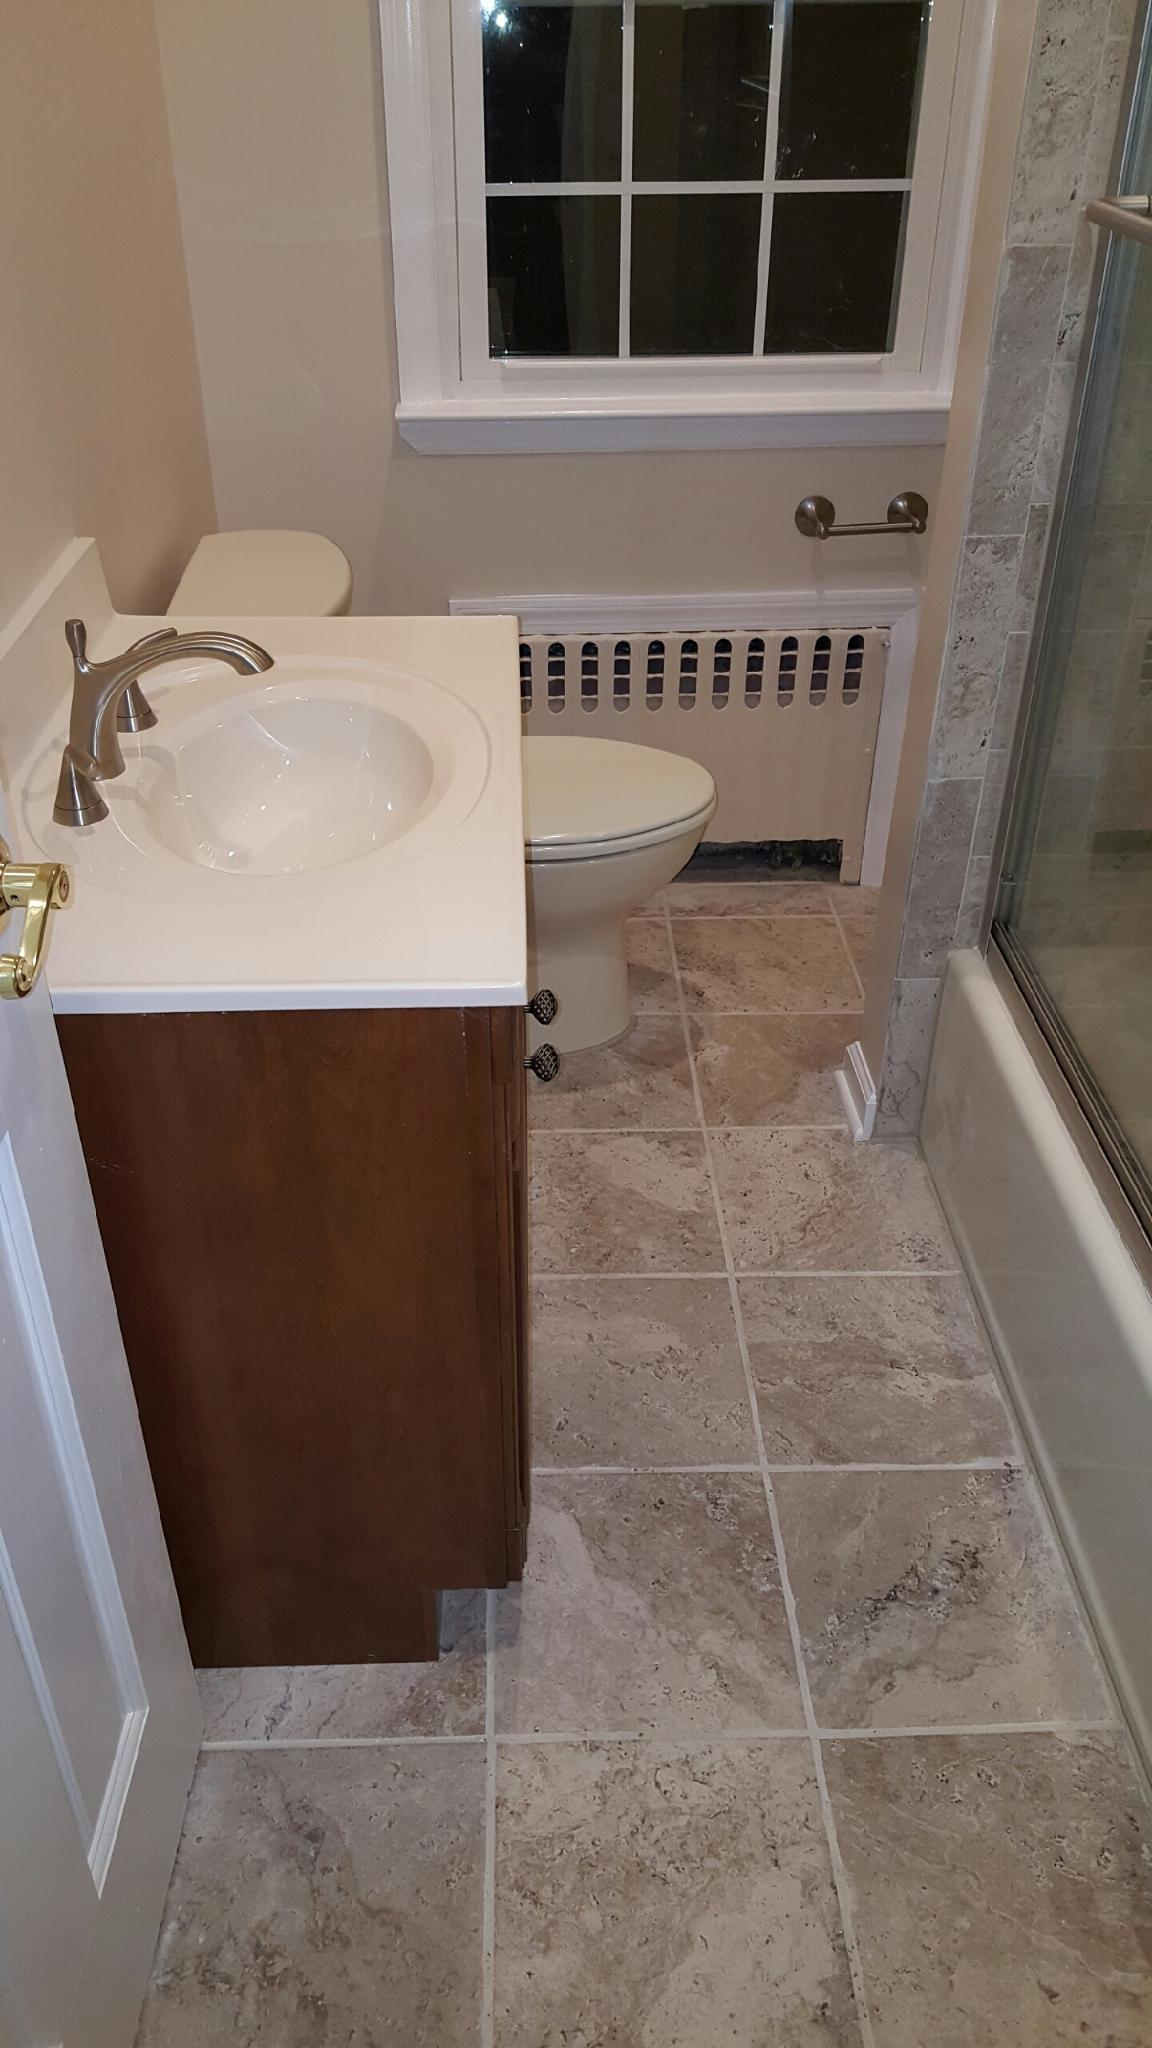 custom bathroom remodeling somerset bound brook somerville nj